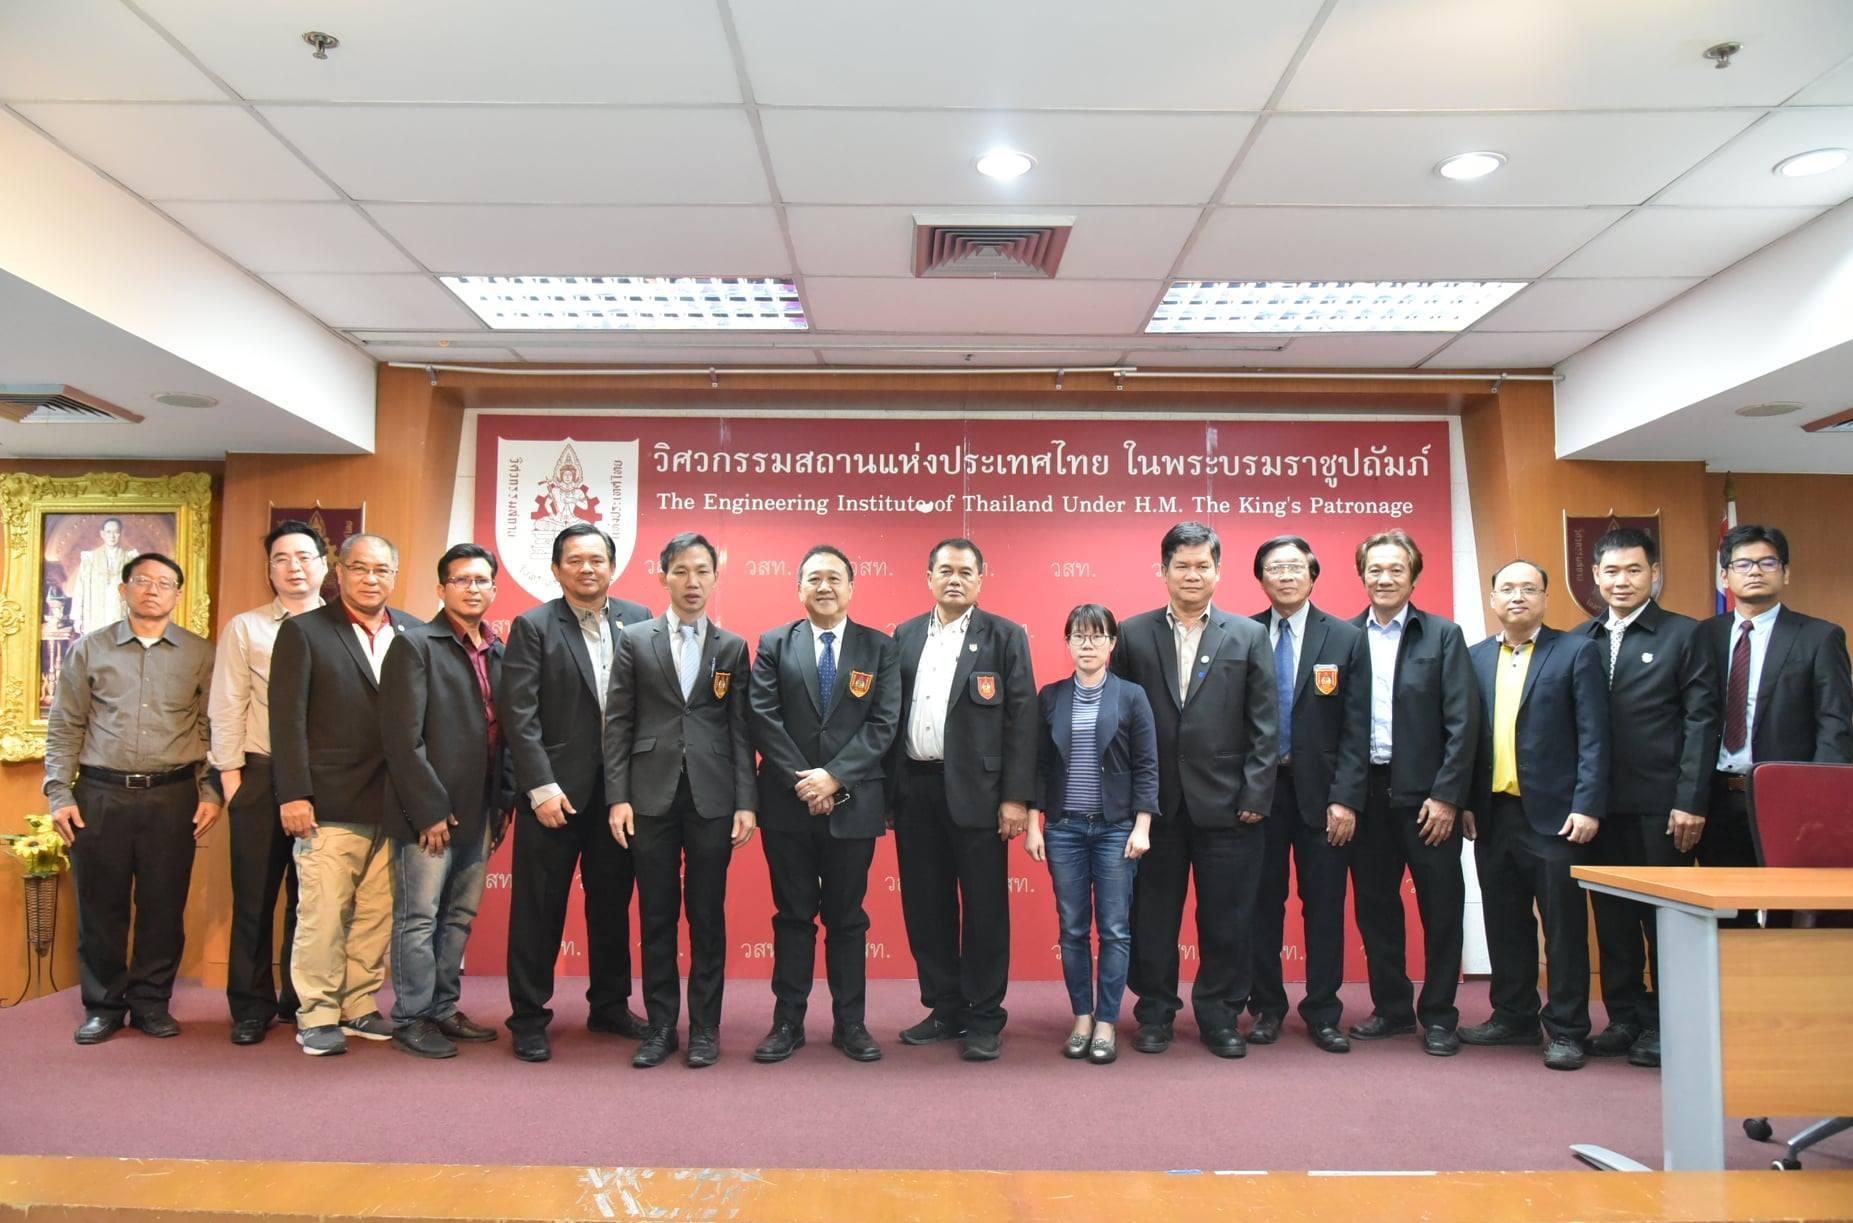 """คณะทำงานมาตรฐานความปลอดภัยในงานก่อสร้าง ในคณะอนุกรรมการสาขาบริหารงานก่อสร้าง วิศวกรรมสถานแห่งประเทศไทยฯ (วสท.) จัดเทคนิคพิจารณ์ เรื่อง """"มาตรฐานความปลอดภัยในงานก่อสร้าง เล่ม 4 ความปลอดภัยในการปฏิบัติงานภายใต้สภาวะแวดล้อมพิเศษต่าง ๆ"""""""